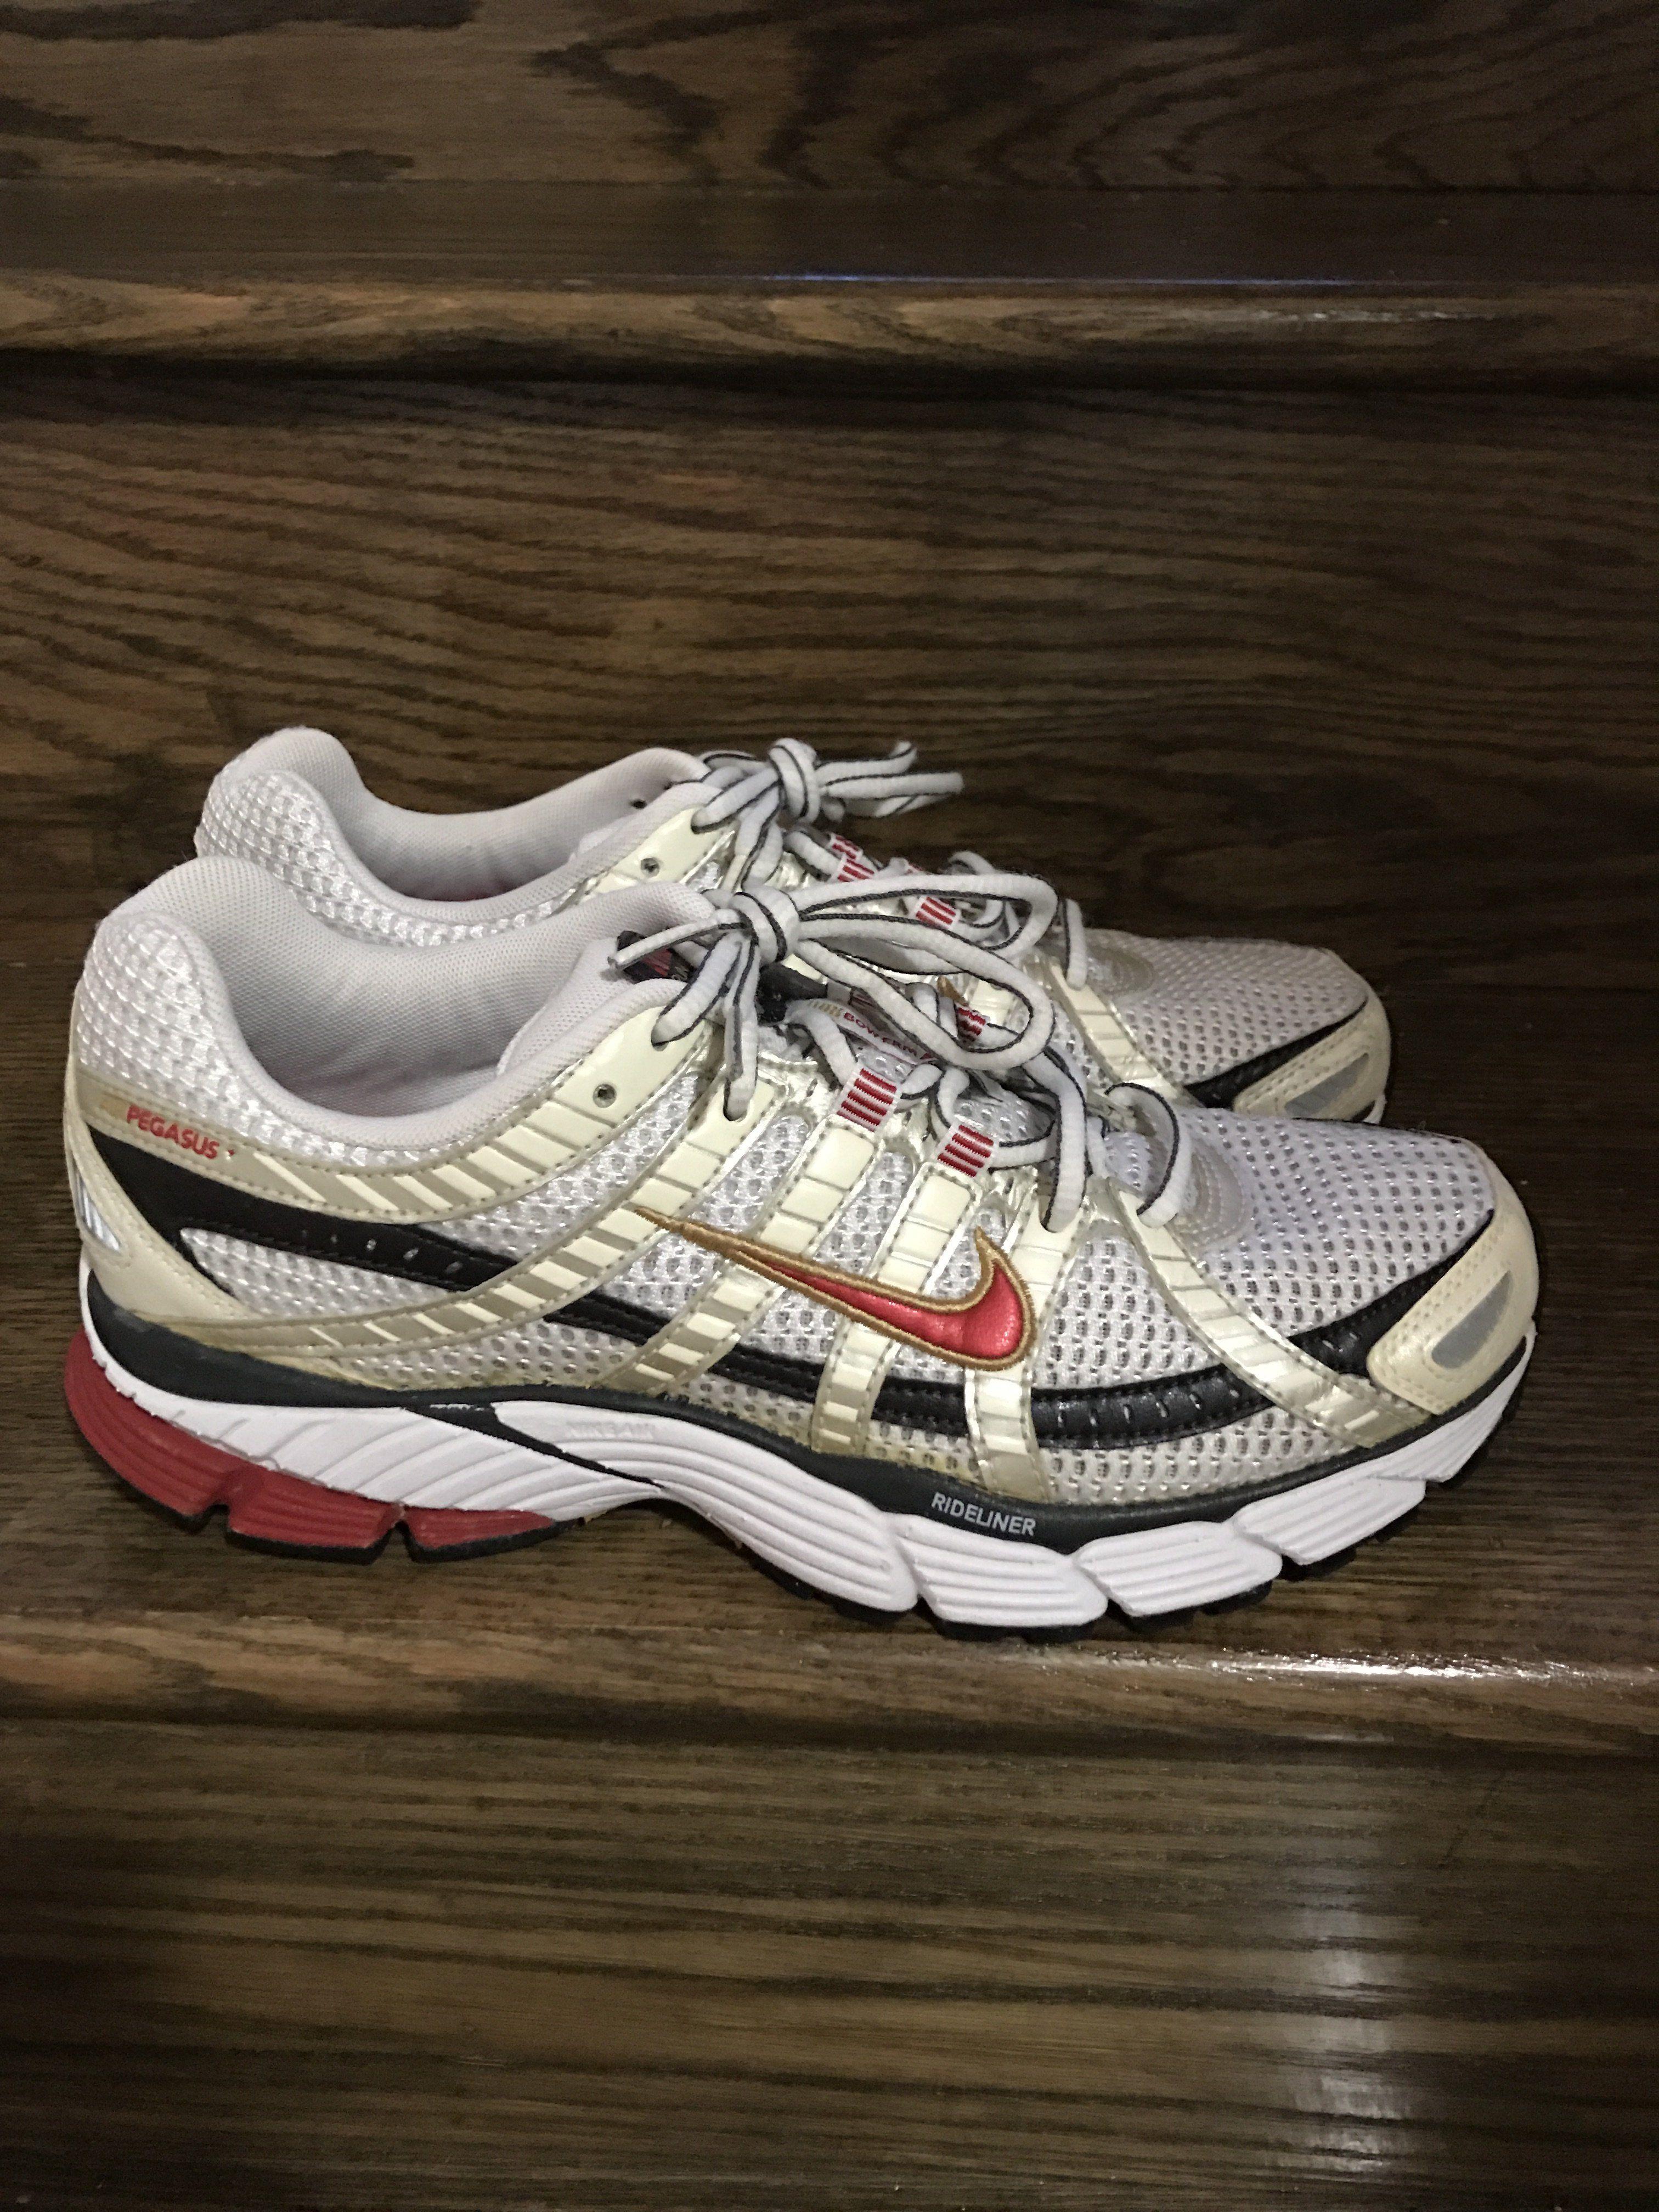 38dde396c48 Mens VTG 2007 Nike Air Pegasus Bowerman Series Running Shoes Sz. 8.5 ...